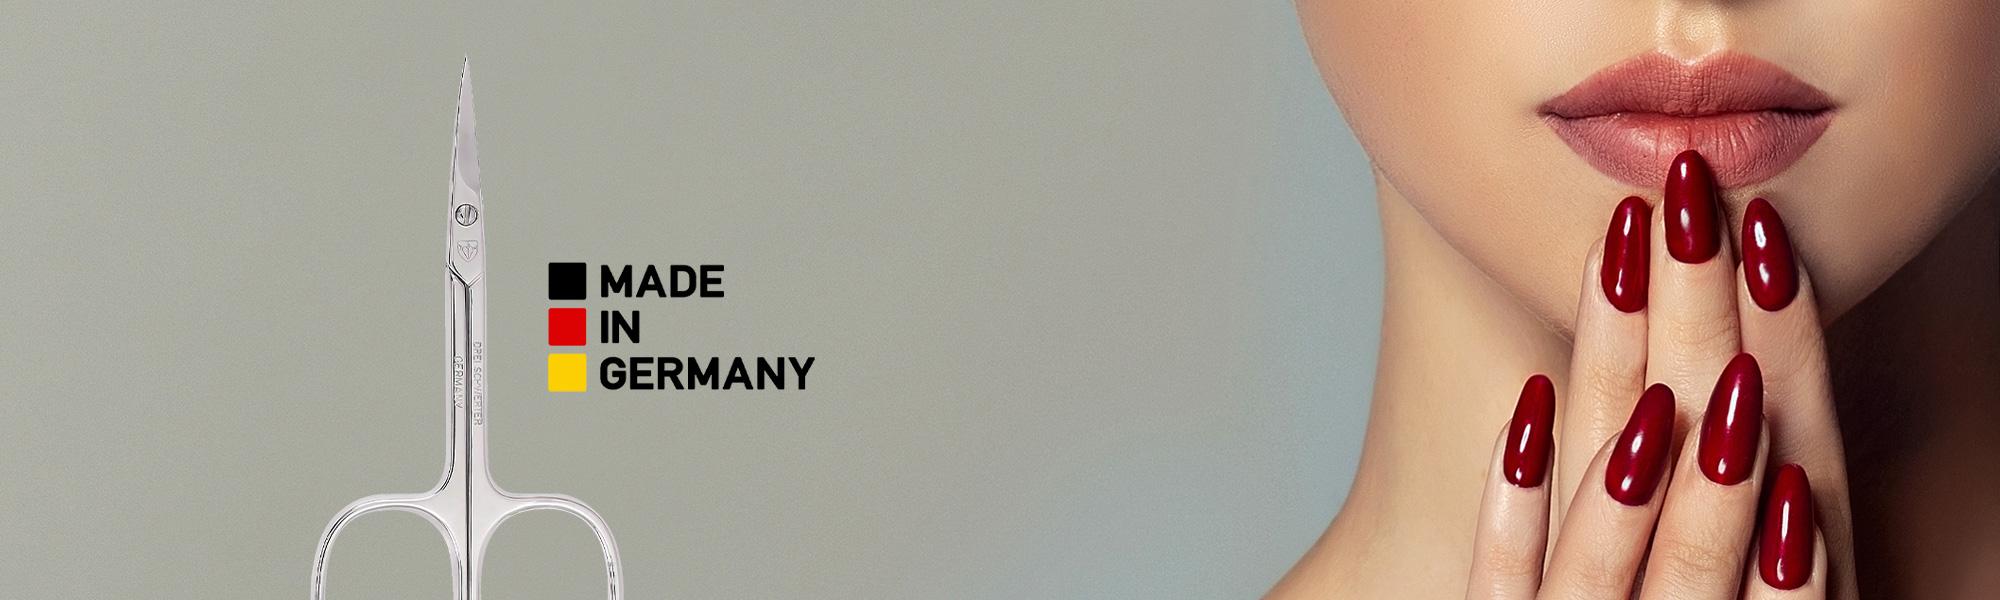 Kreul 41824 Malmesser 3er Set mit Metallklingen und Holzgriffen bunt zum Modellieren und Spachteln ideal f/ür Acryl- und /Ölmalerei one size